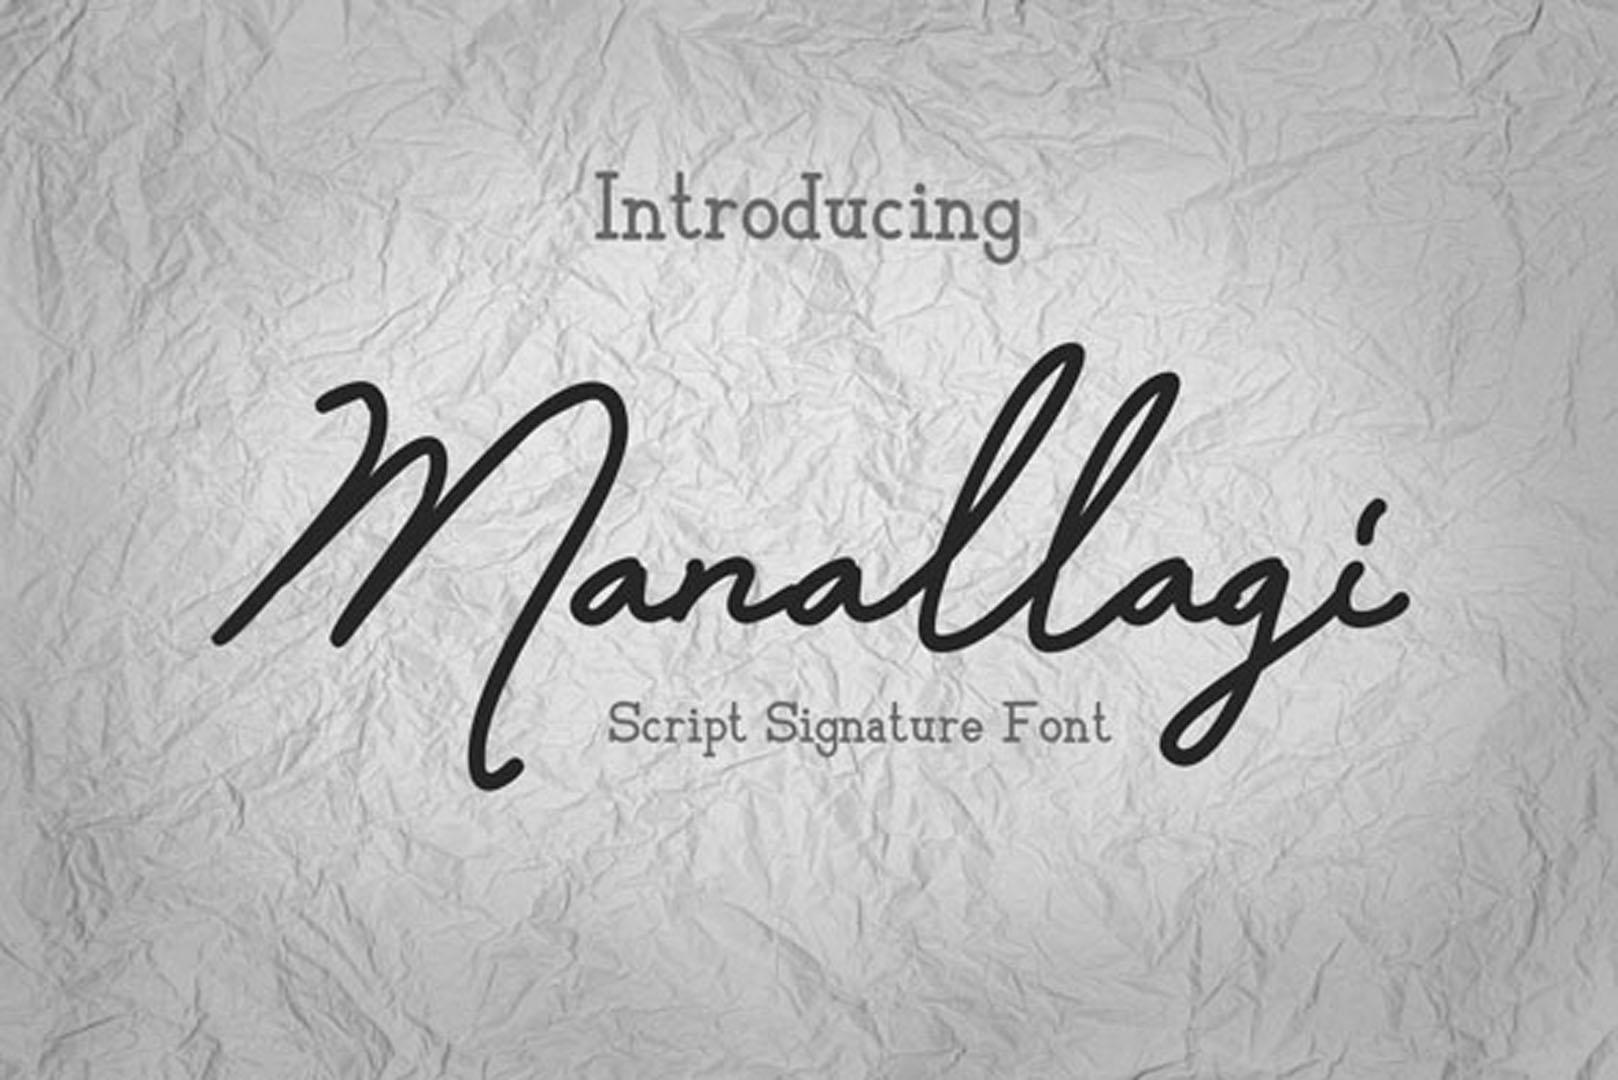 Manallagi - Script Signature Font example image 1